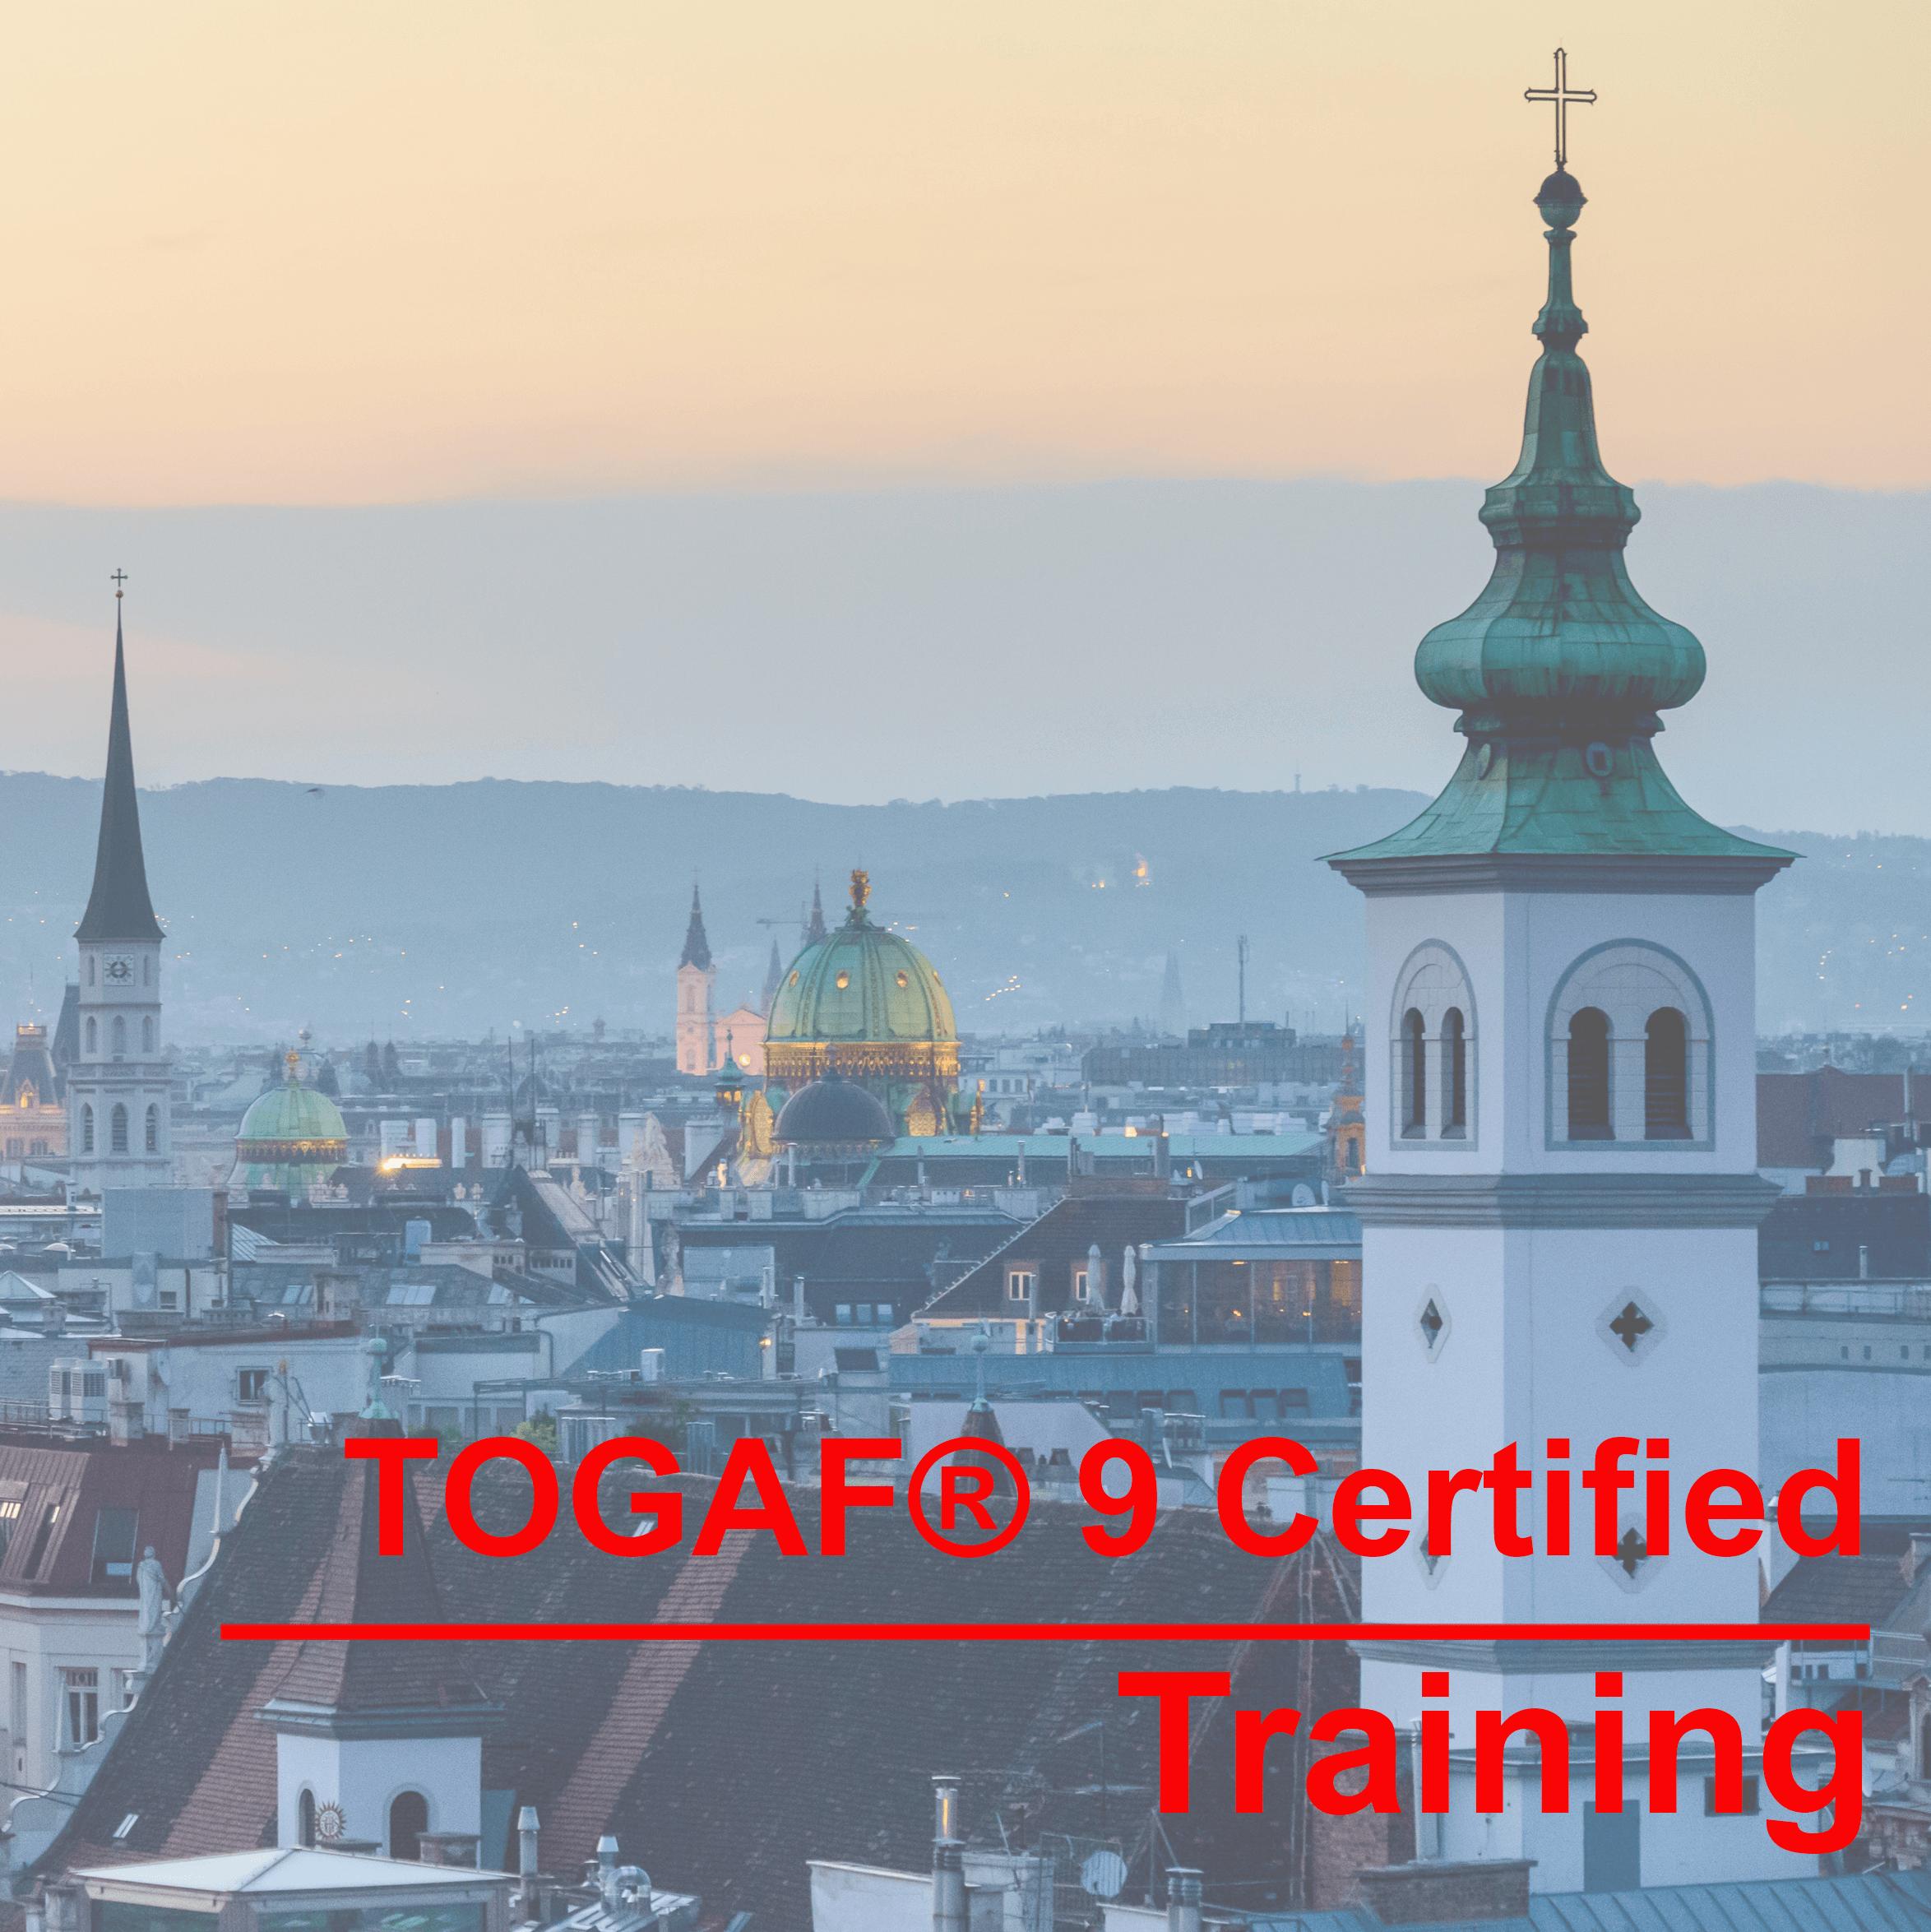 TOGAF® 9 Certified Training in Zurich Das am weitesten verbreitete Enterprise Architecture Framework der Welt. Wir bereiten Sie in 4 Tagen auf die Zertifizierung vor!